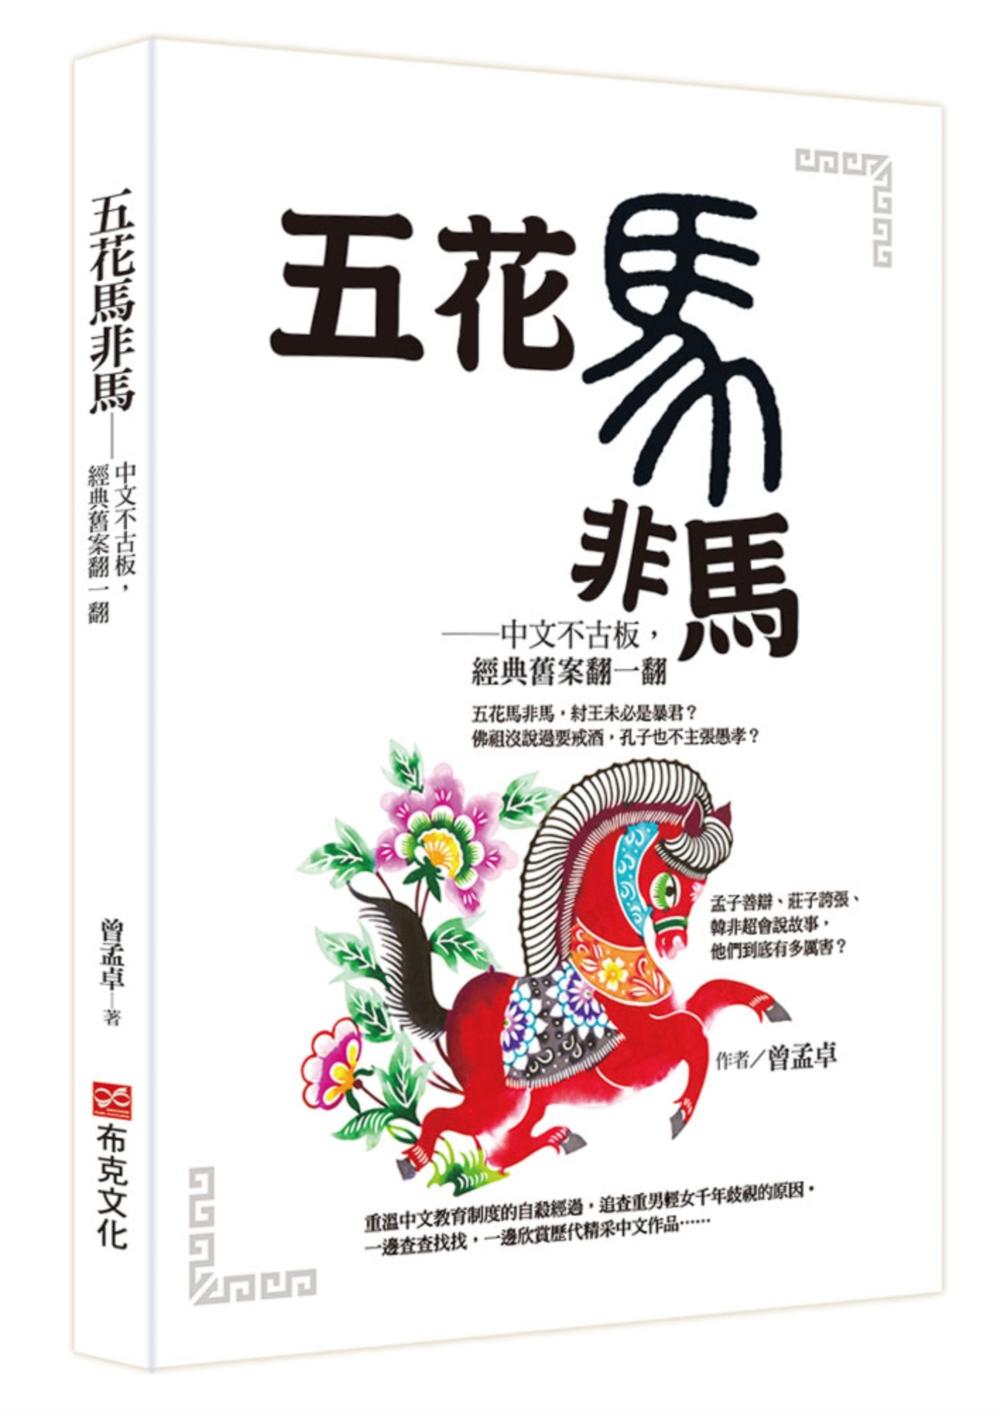 五花馬非馬──中文不古板,經典...